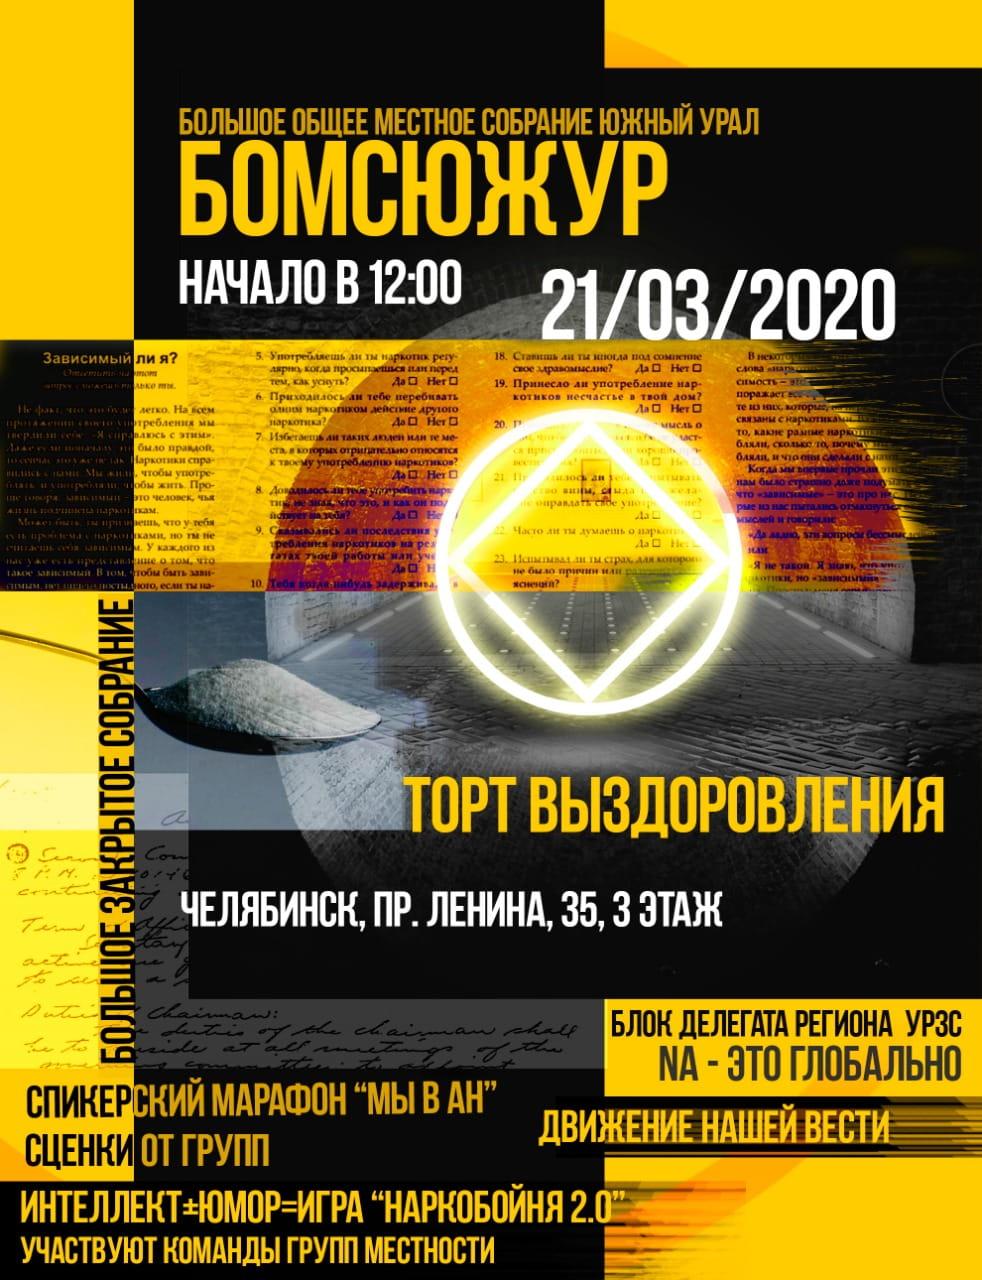 Большое общее местное собрание Южный Урал (БОМСЮЖУР)